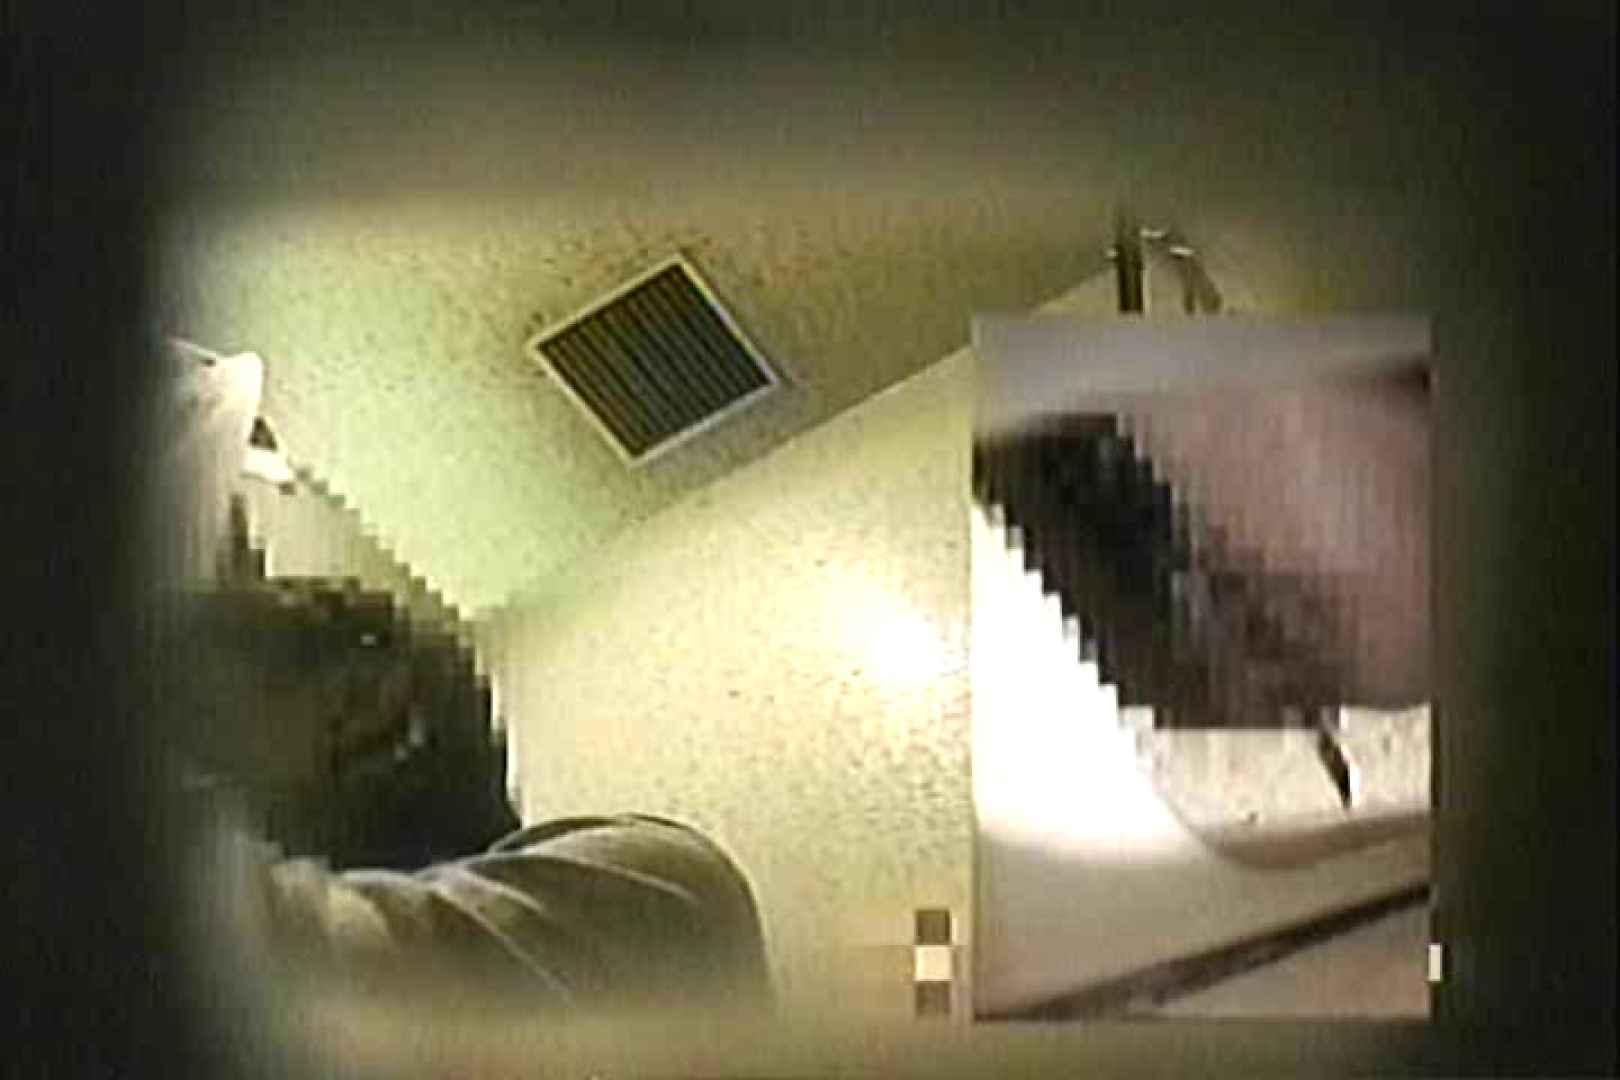 女子洗面所盗撮 今度の2カメは若い子だらけ  TK-127 洗面所 | おまんこ無修正  62pic 11